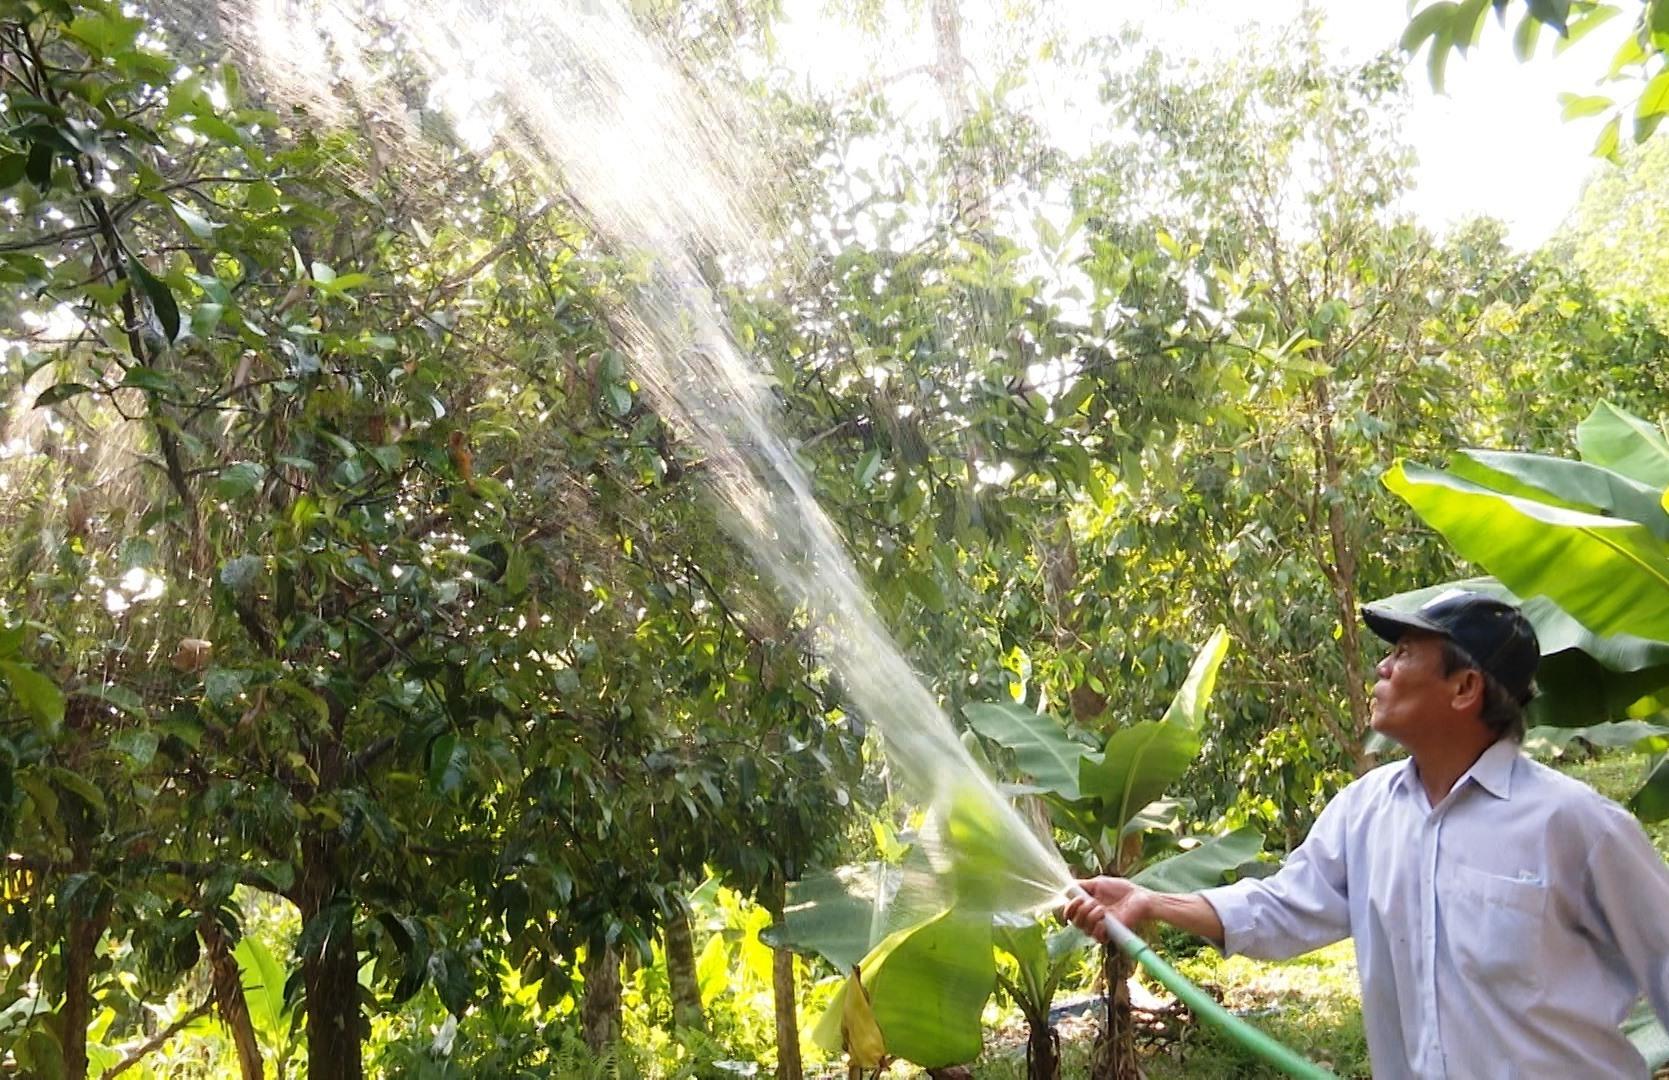 Xã Tiên Mỹ có nhiều vườn cây ăn quả cho thu nhập cao. Ảnh: NGUYỄN HƯNG